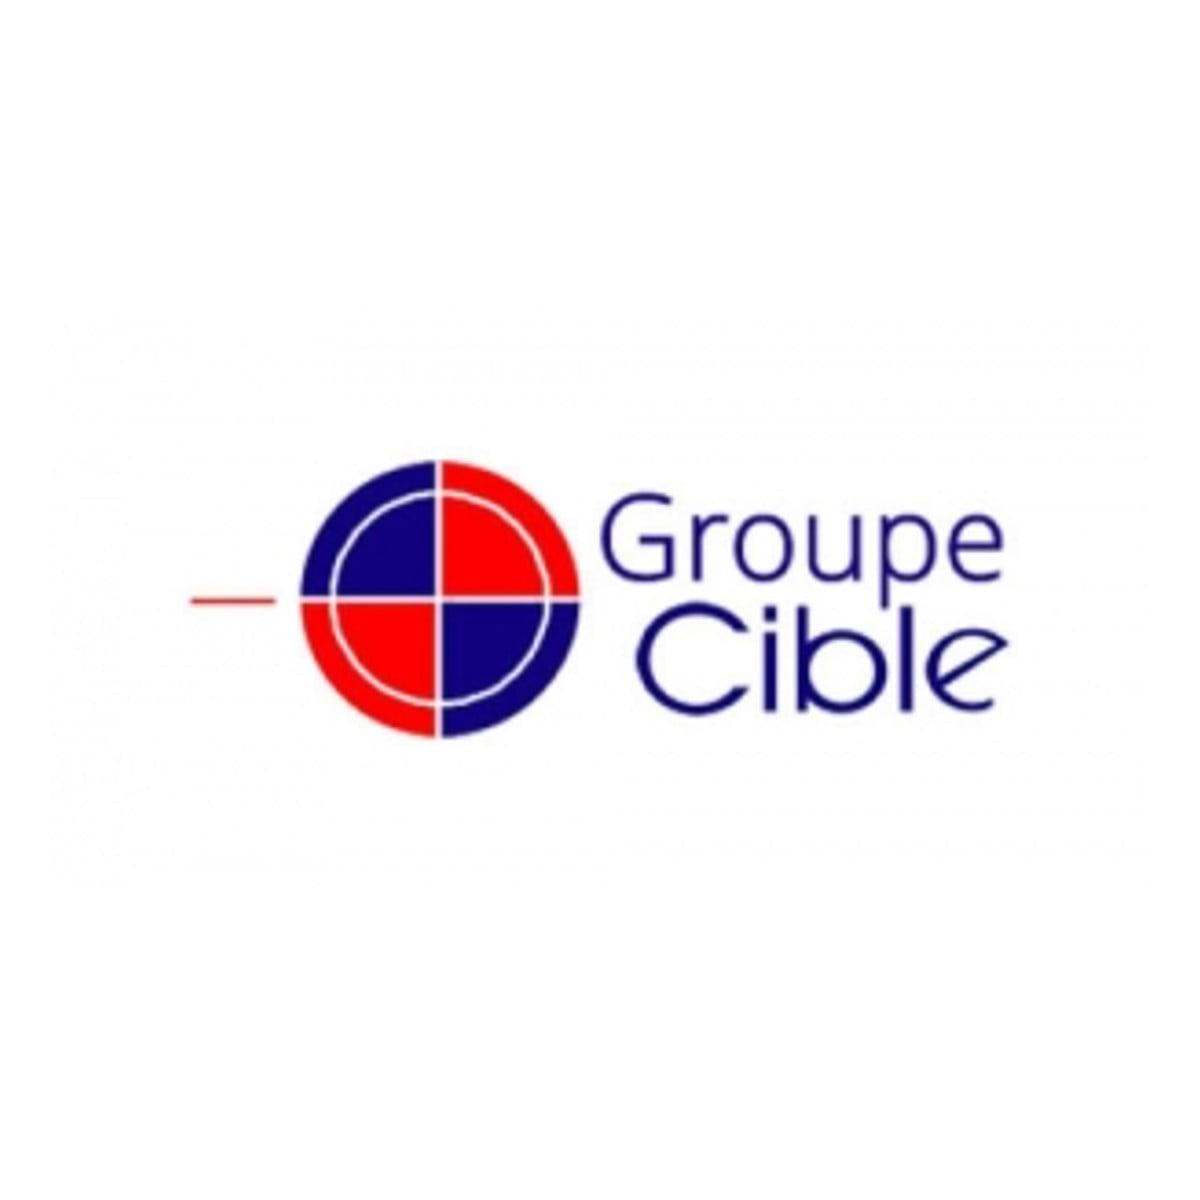 groupe cible RH logo